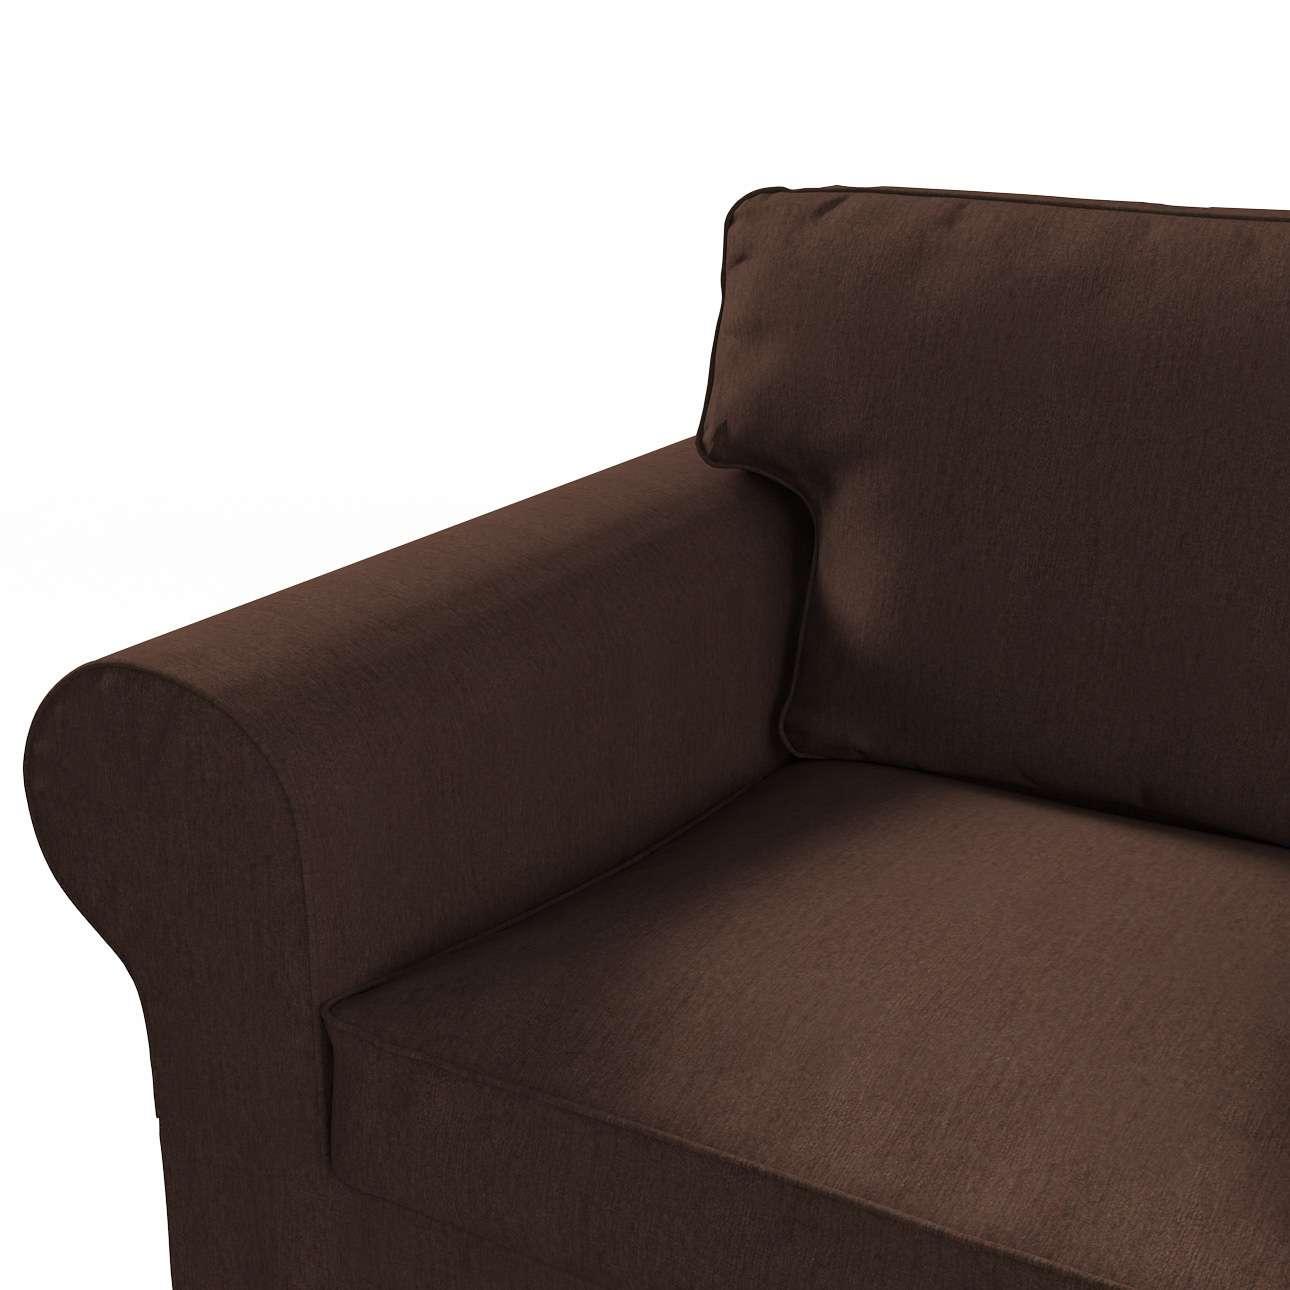 Pokrowiec na sofę Ektorp 3-osobową, nierozkładaną Sofa Ektorp 3-osobowa w kolekcji Chenille, tkanina: 702-18